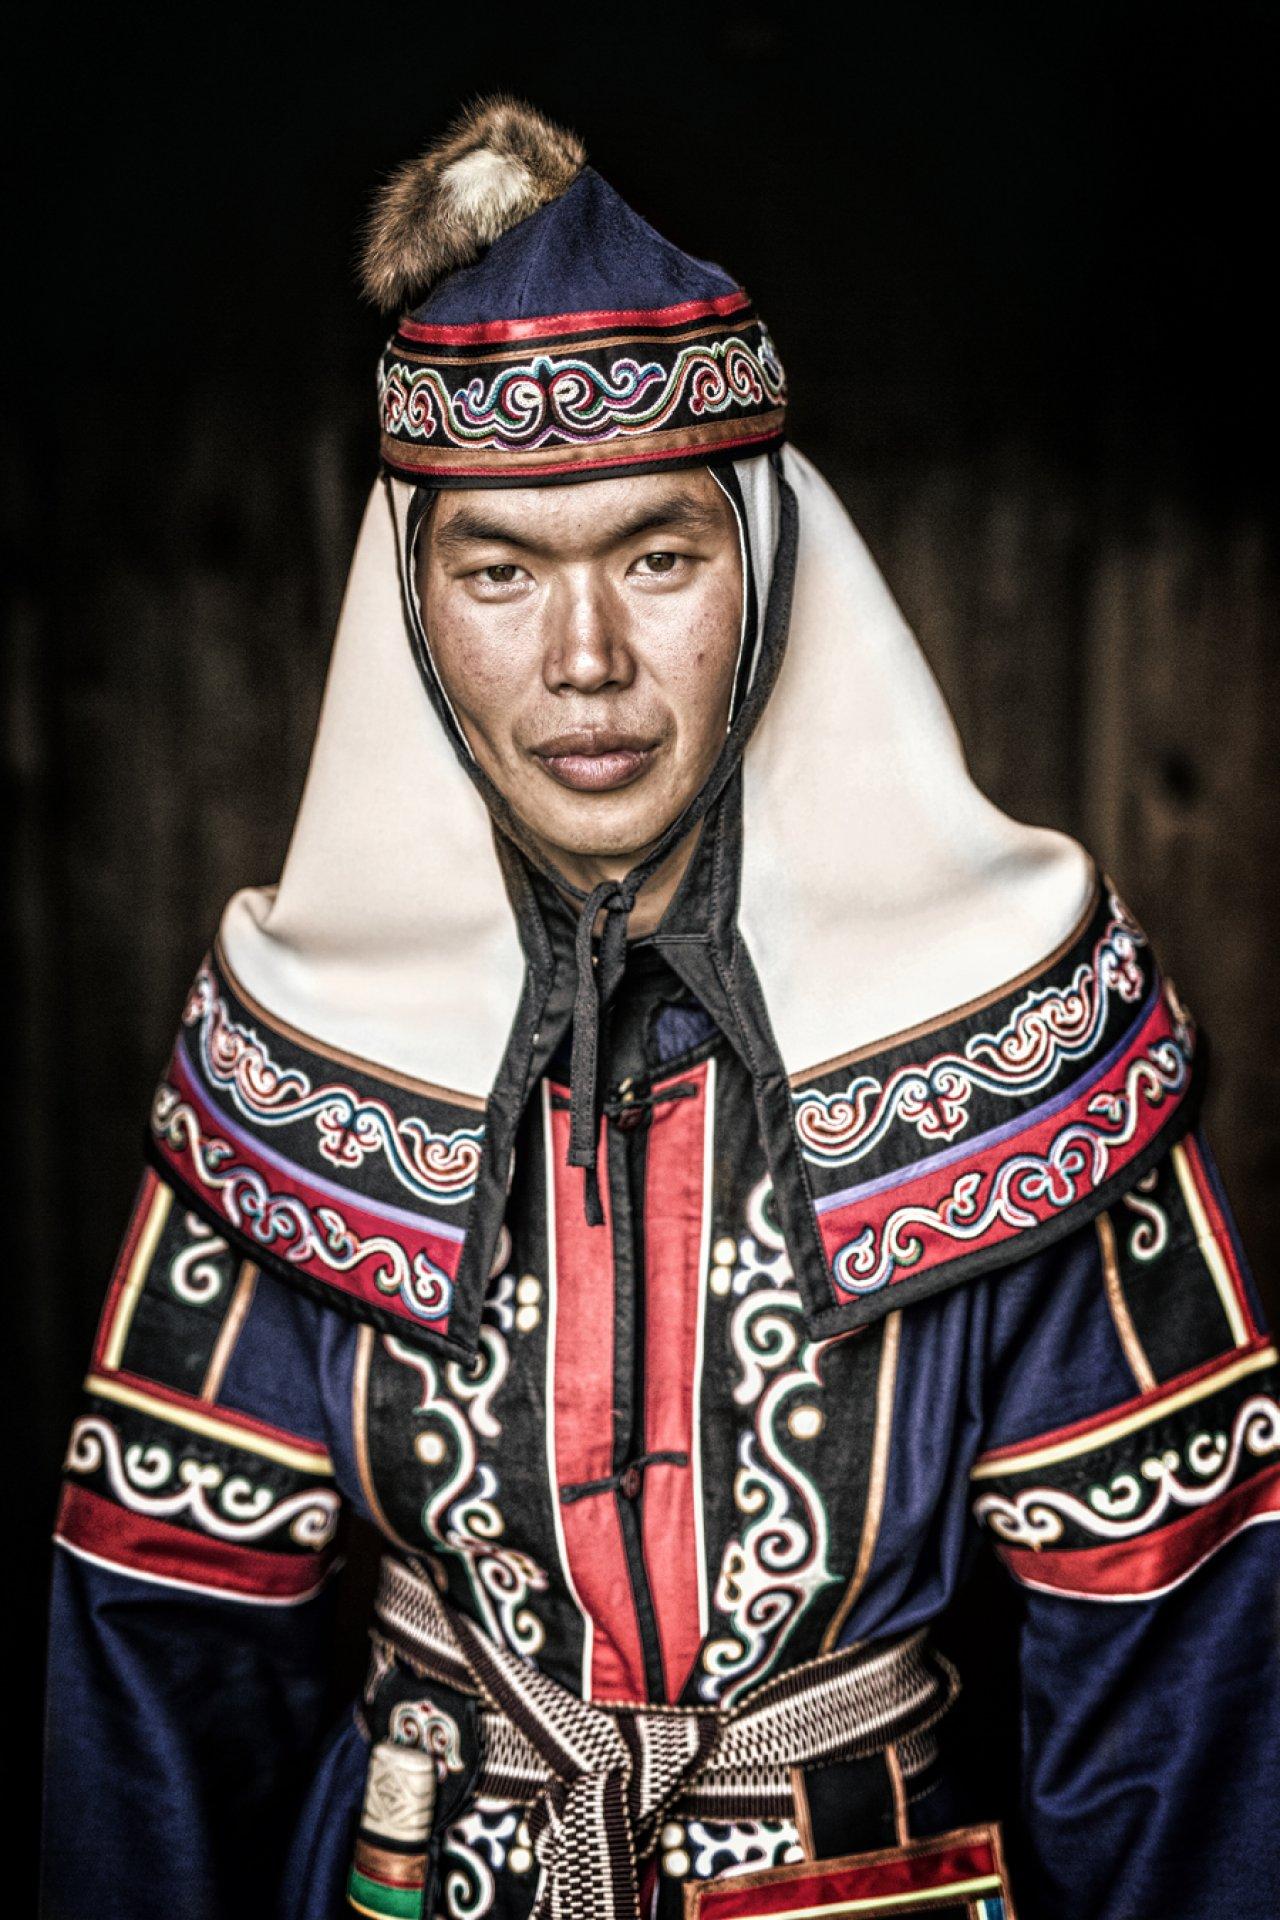 Этот молодой человек — представитель народа ульчи, Он живёт в посёлке Булава, в 757 километрах от Хабаровска. Традиционная одежда уличей — халат покроя кимоно. Зимой одежду утепляют ватой. Фото: © Alexander Khimushin / The World In Faces